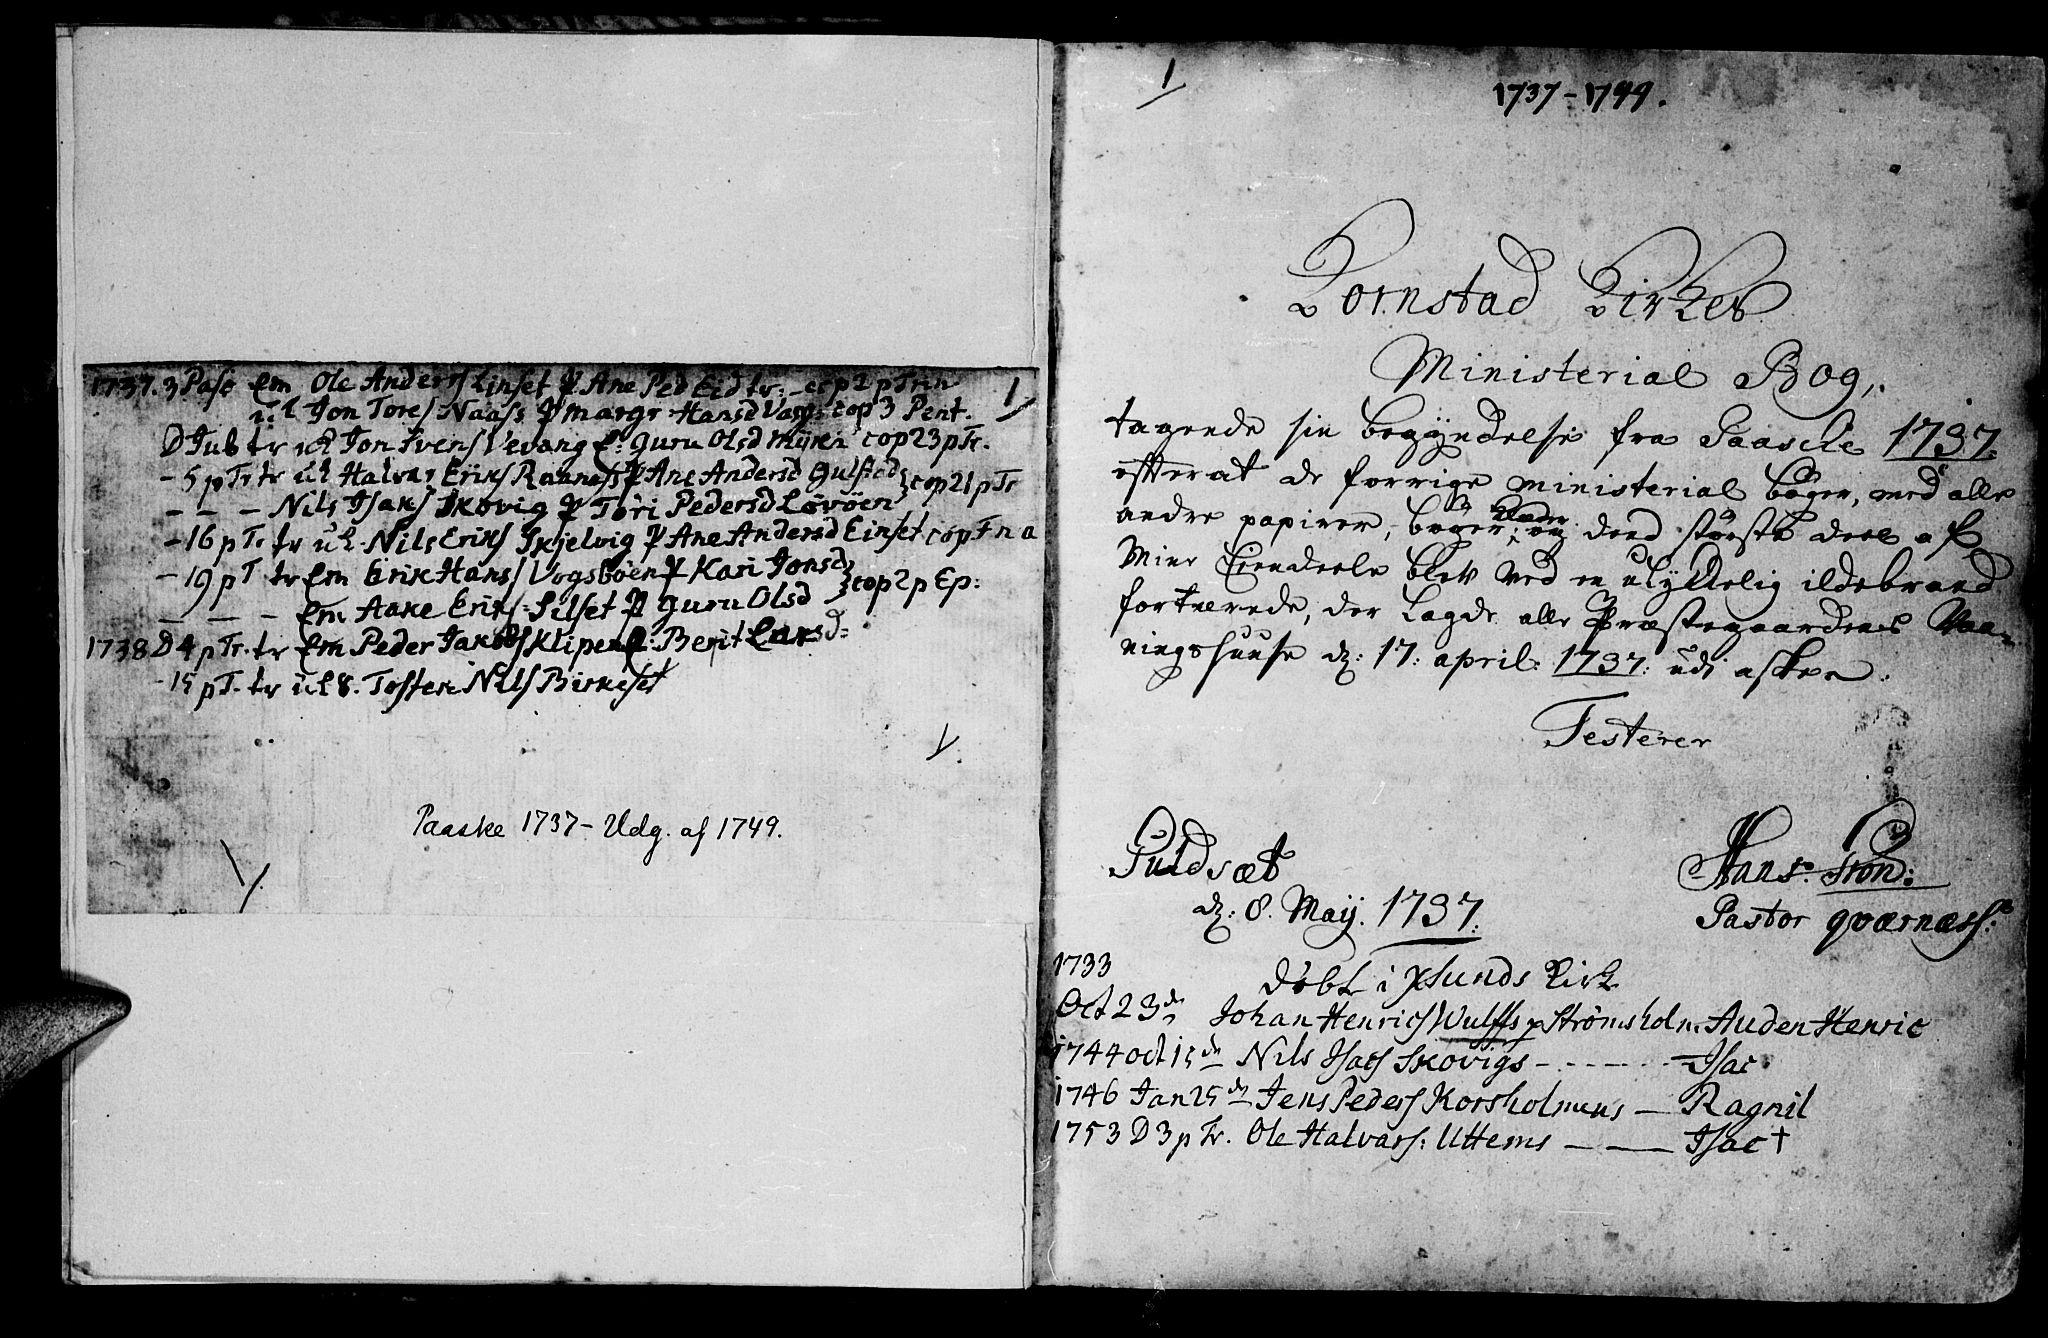 SAT, Ministerialprotokoller, klokkerbøker og fødselsregistre - Møre og Romsdal, 570/L0827: Ministerialbok nr. 570A01, 1737-1749